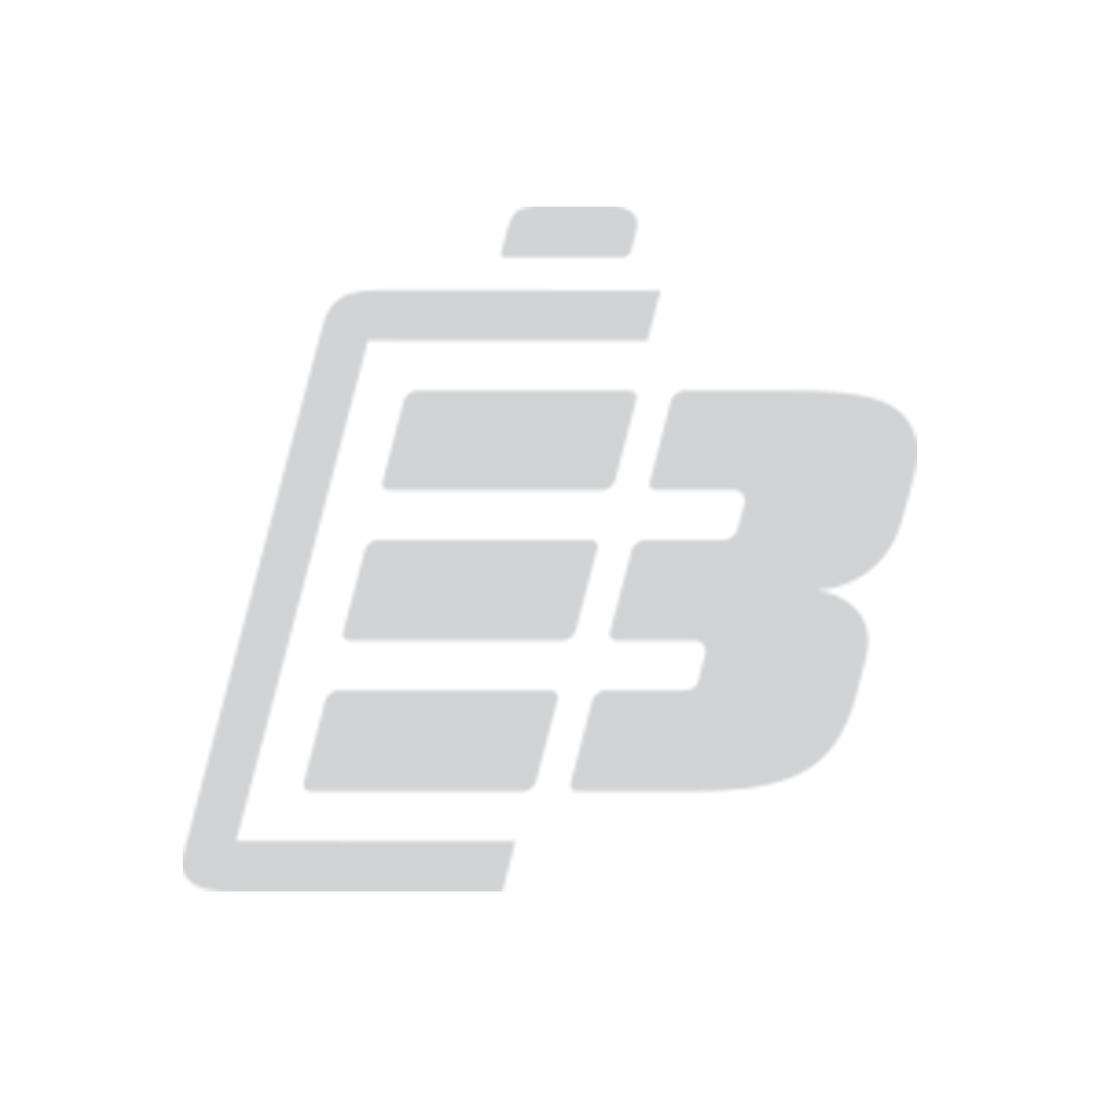 Μπαταρία Netbook Acer Aspire One D250_1